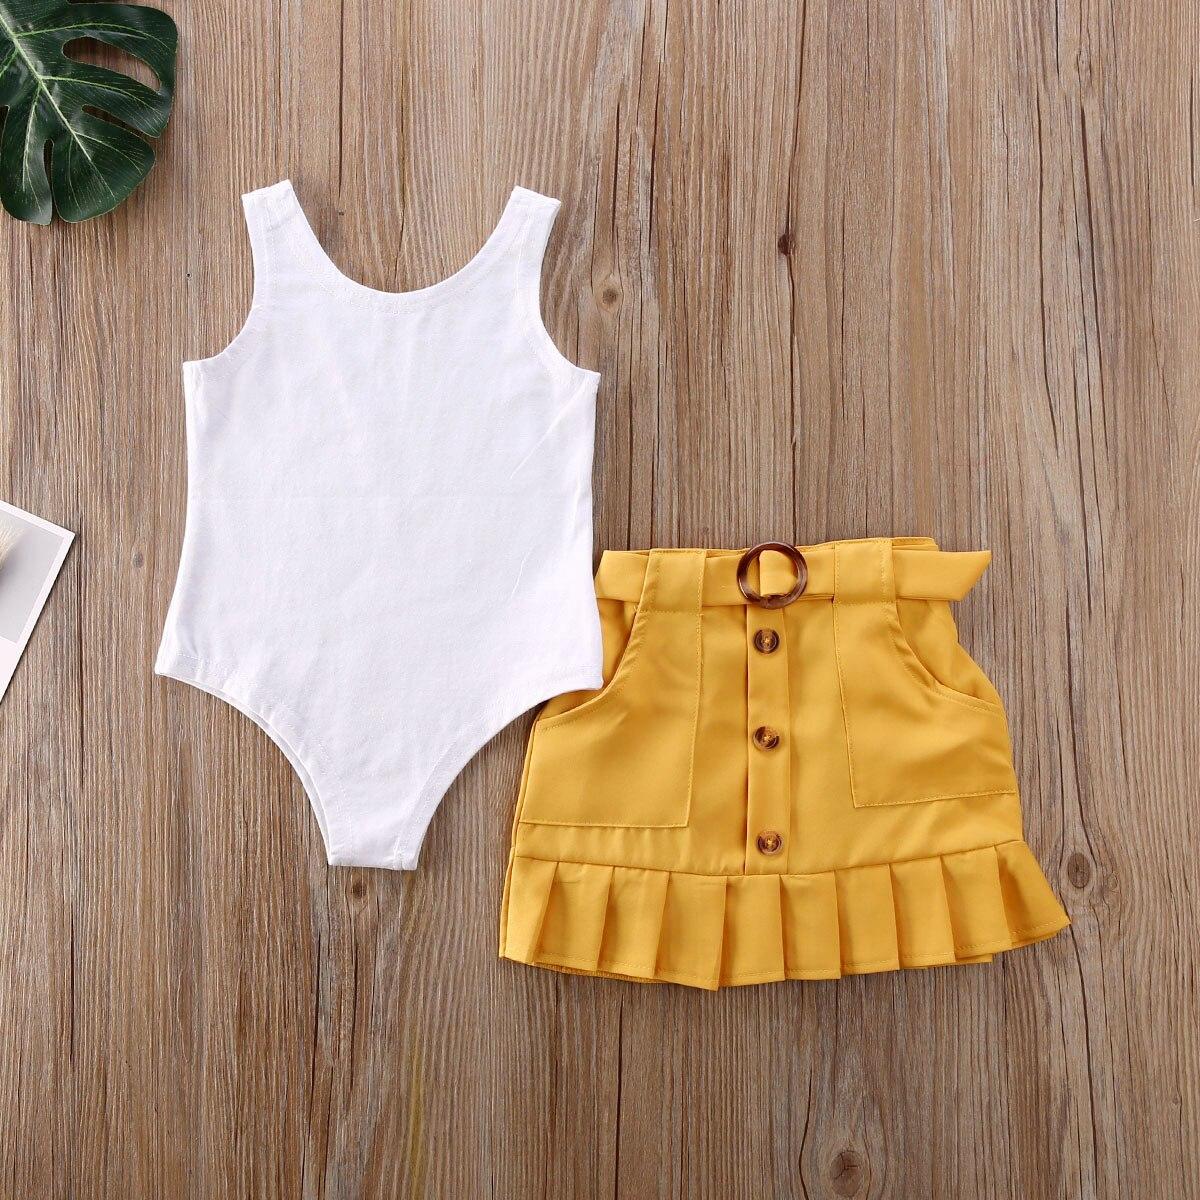 2 sztuk maluch dzieci dziewczynka ubrania zestawy bez rękawów jednolity kolor, kamizelka Romper żółty plisowana spódnica strój na lato zestaw